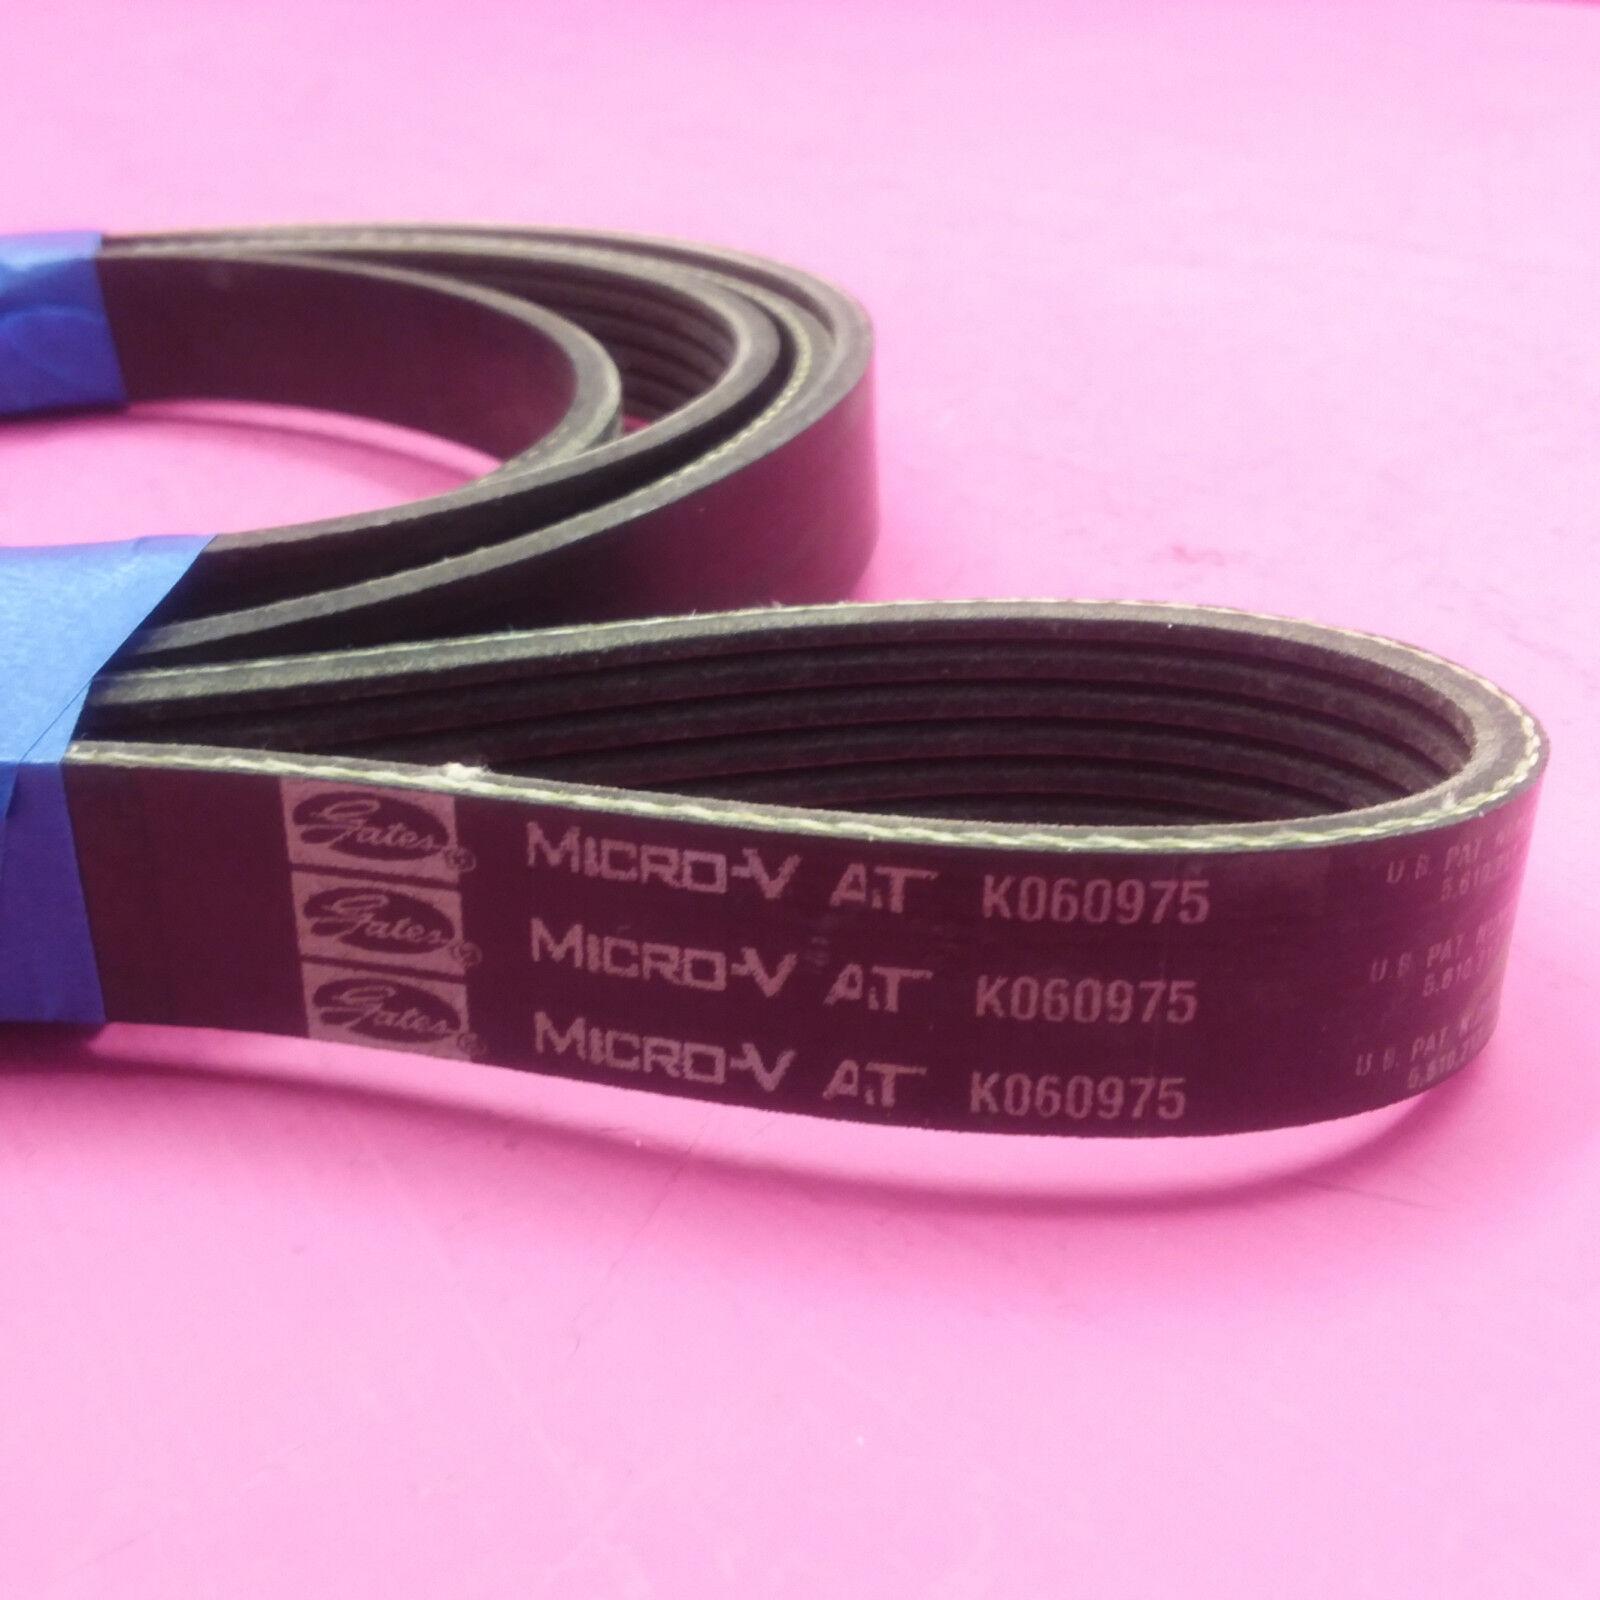 Gates K060926 Multi V-Groove Belt